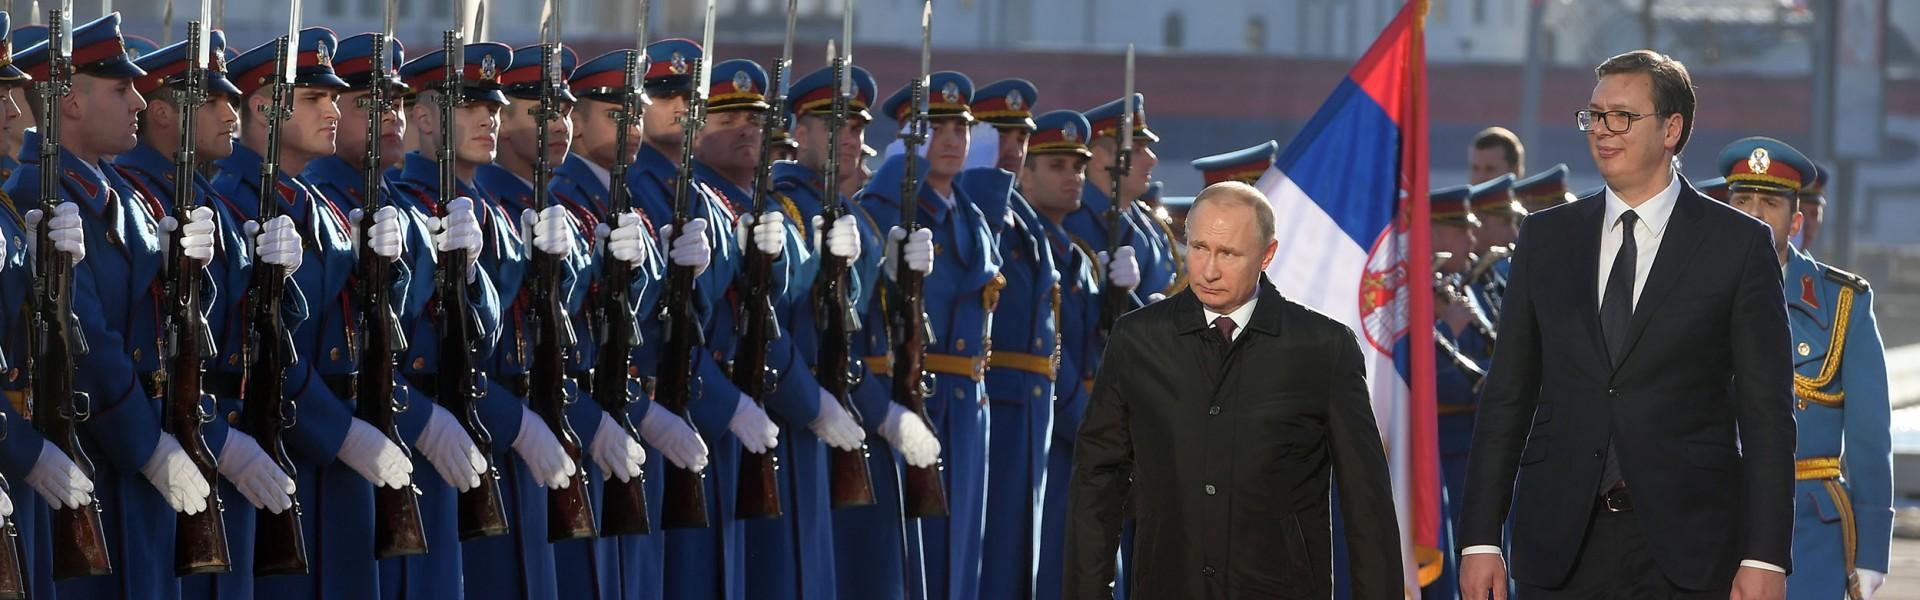 Састанак врховних команданата војски Републике Србије и Руске Федерације